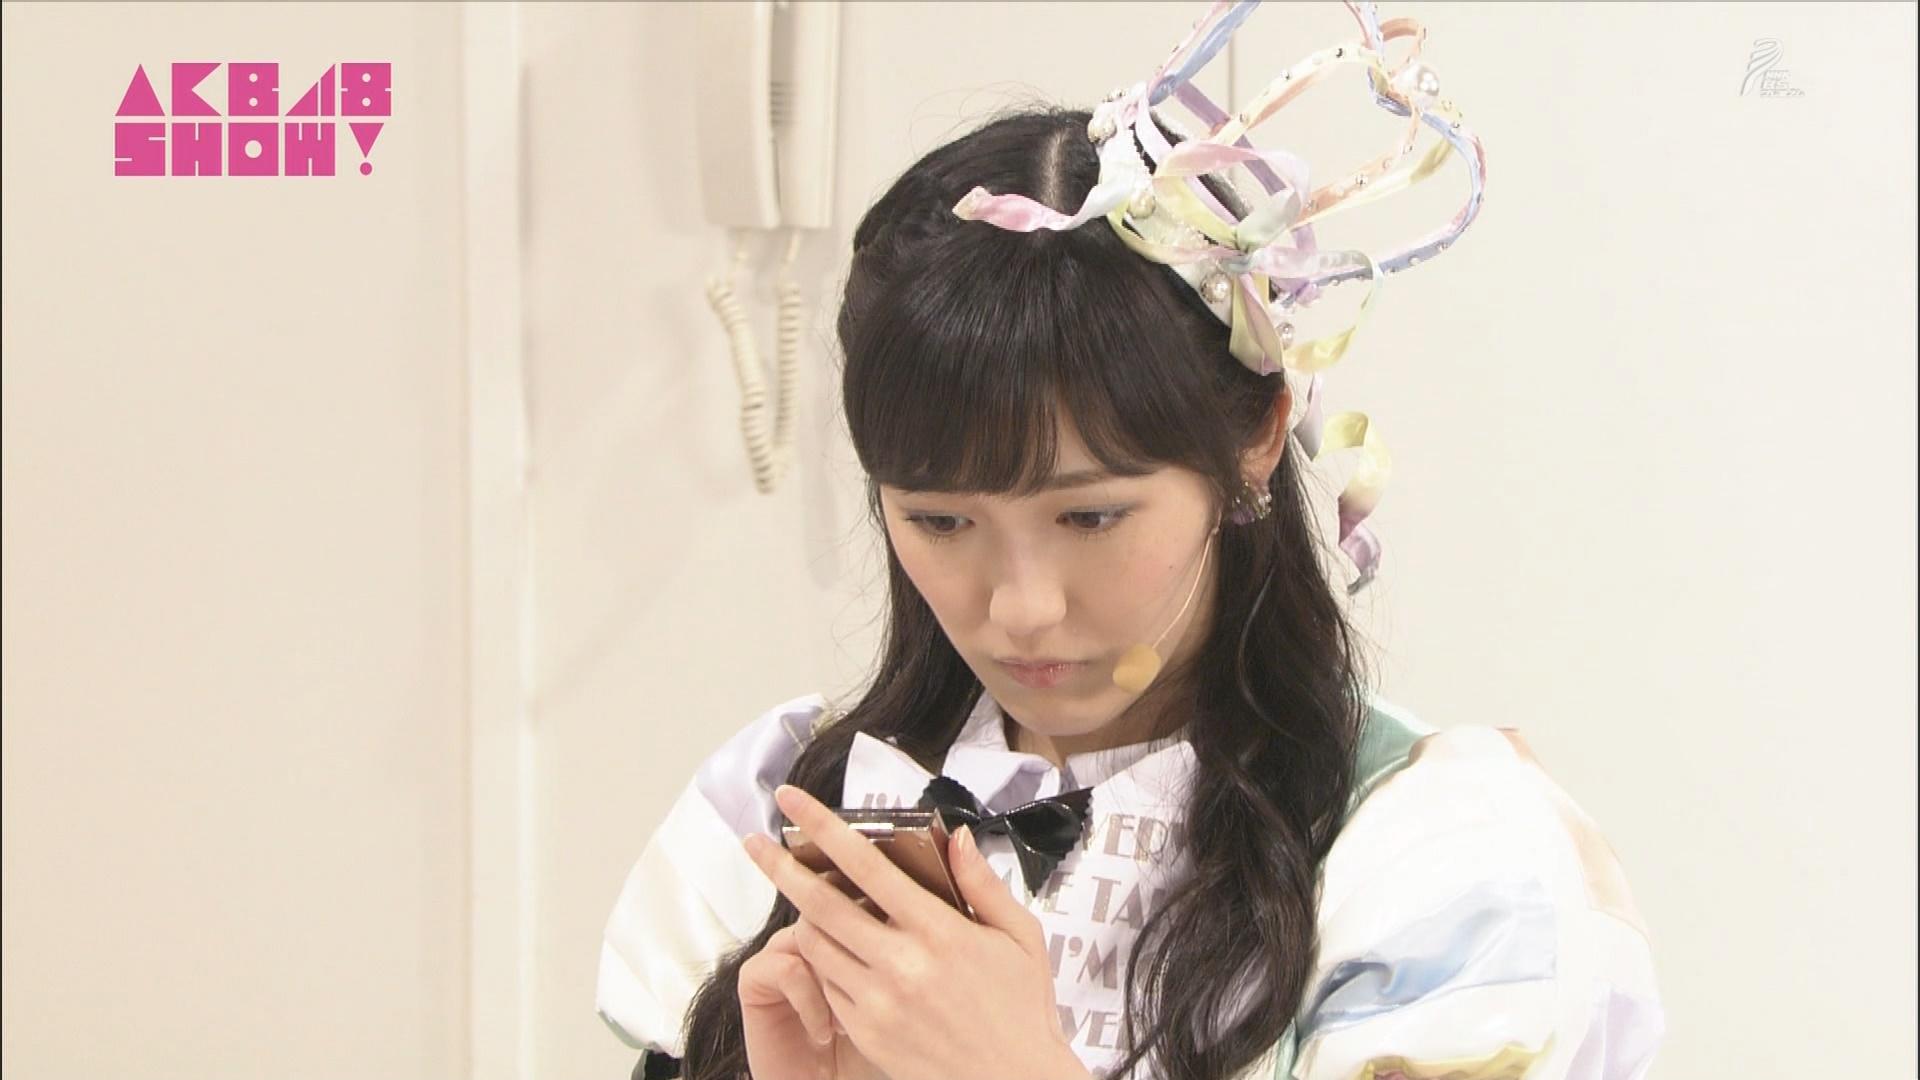 AKB48SHOW 心のプラカード 渡辺麻友 20140830 (1)